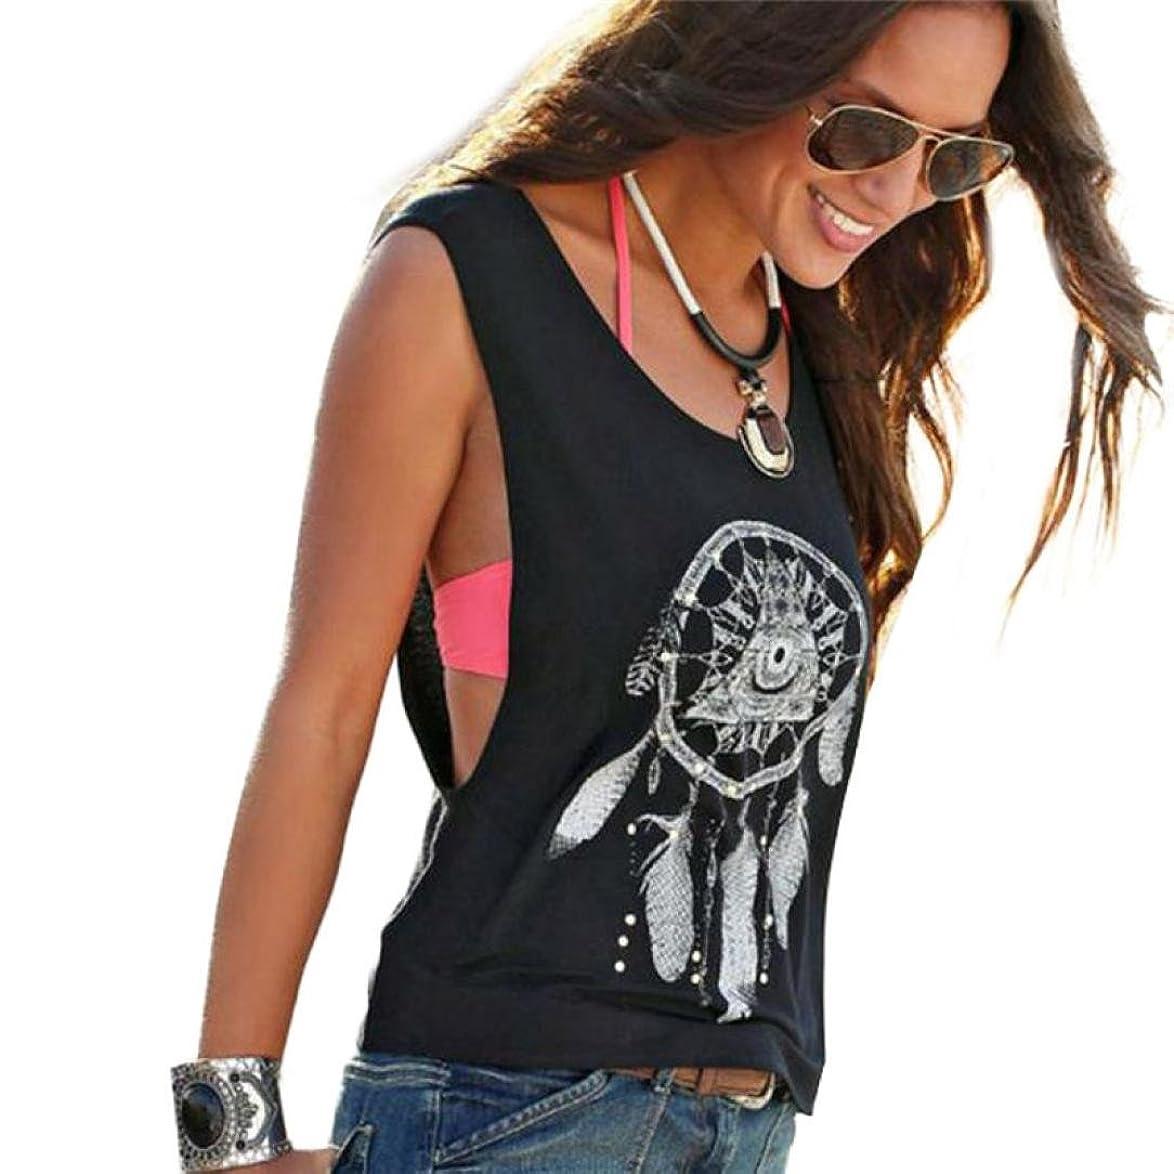 振動するアラブあいさつSakuraBest セクシーな女性の夢キャッチャープリントベストシャツTシャツ